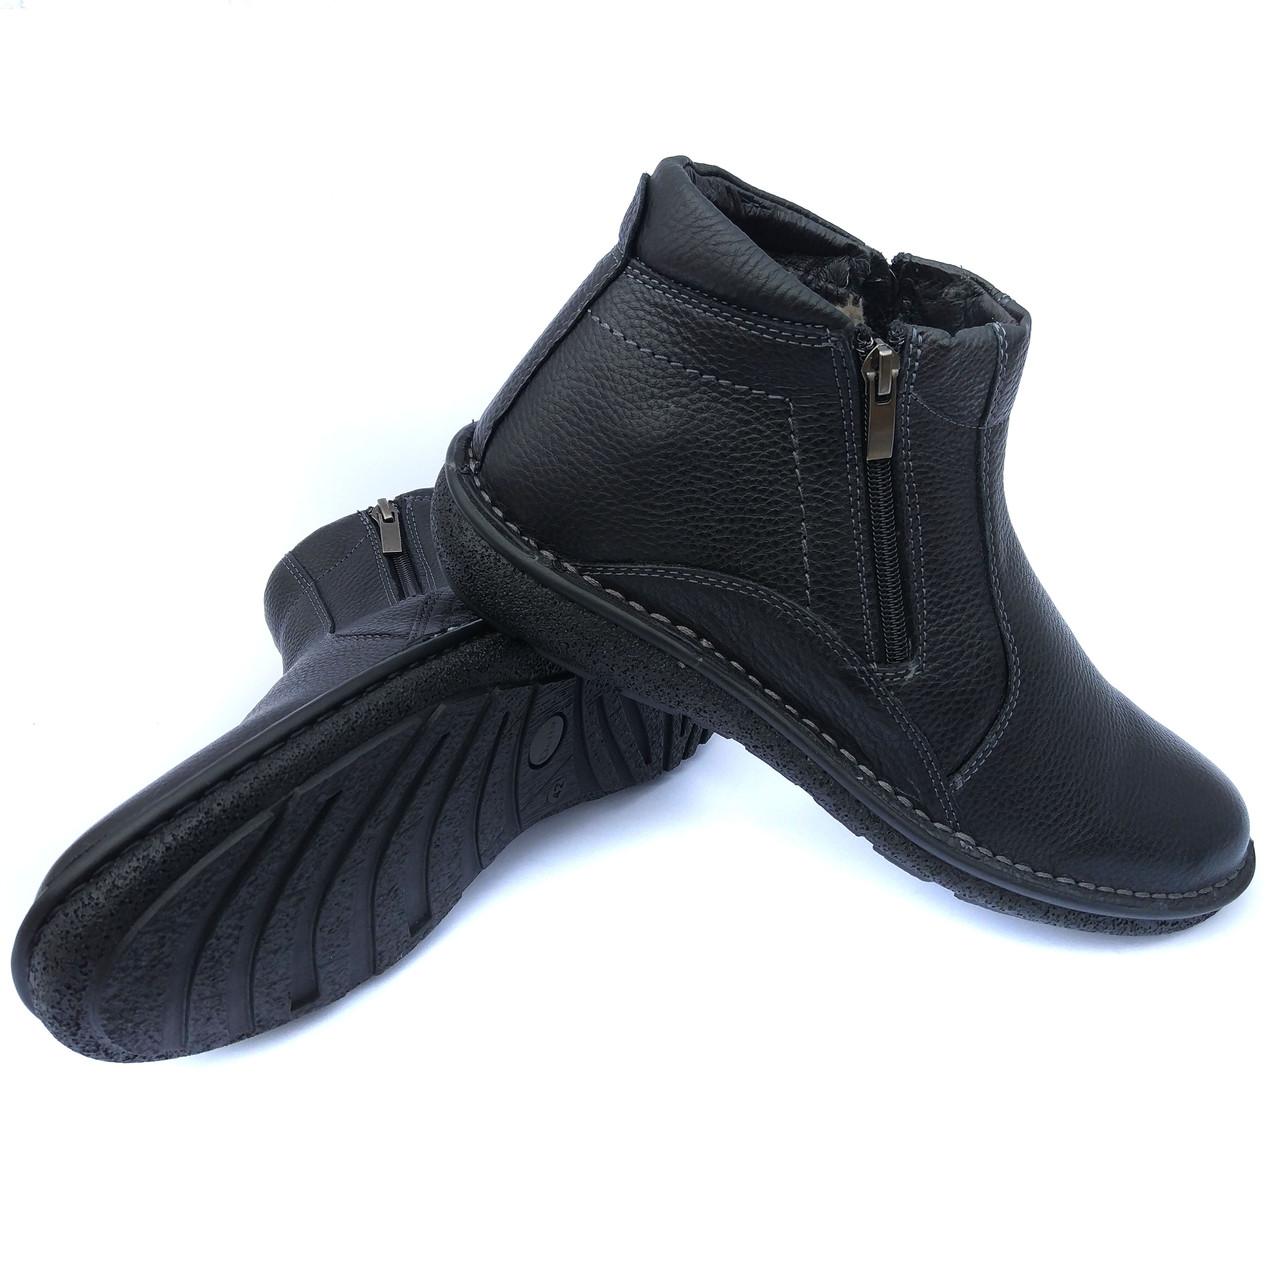 ea7d109c Харьковская кожаная обувь от производителя detta: зимние мужские ботинки,  черного цвета, на натуральном